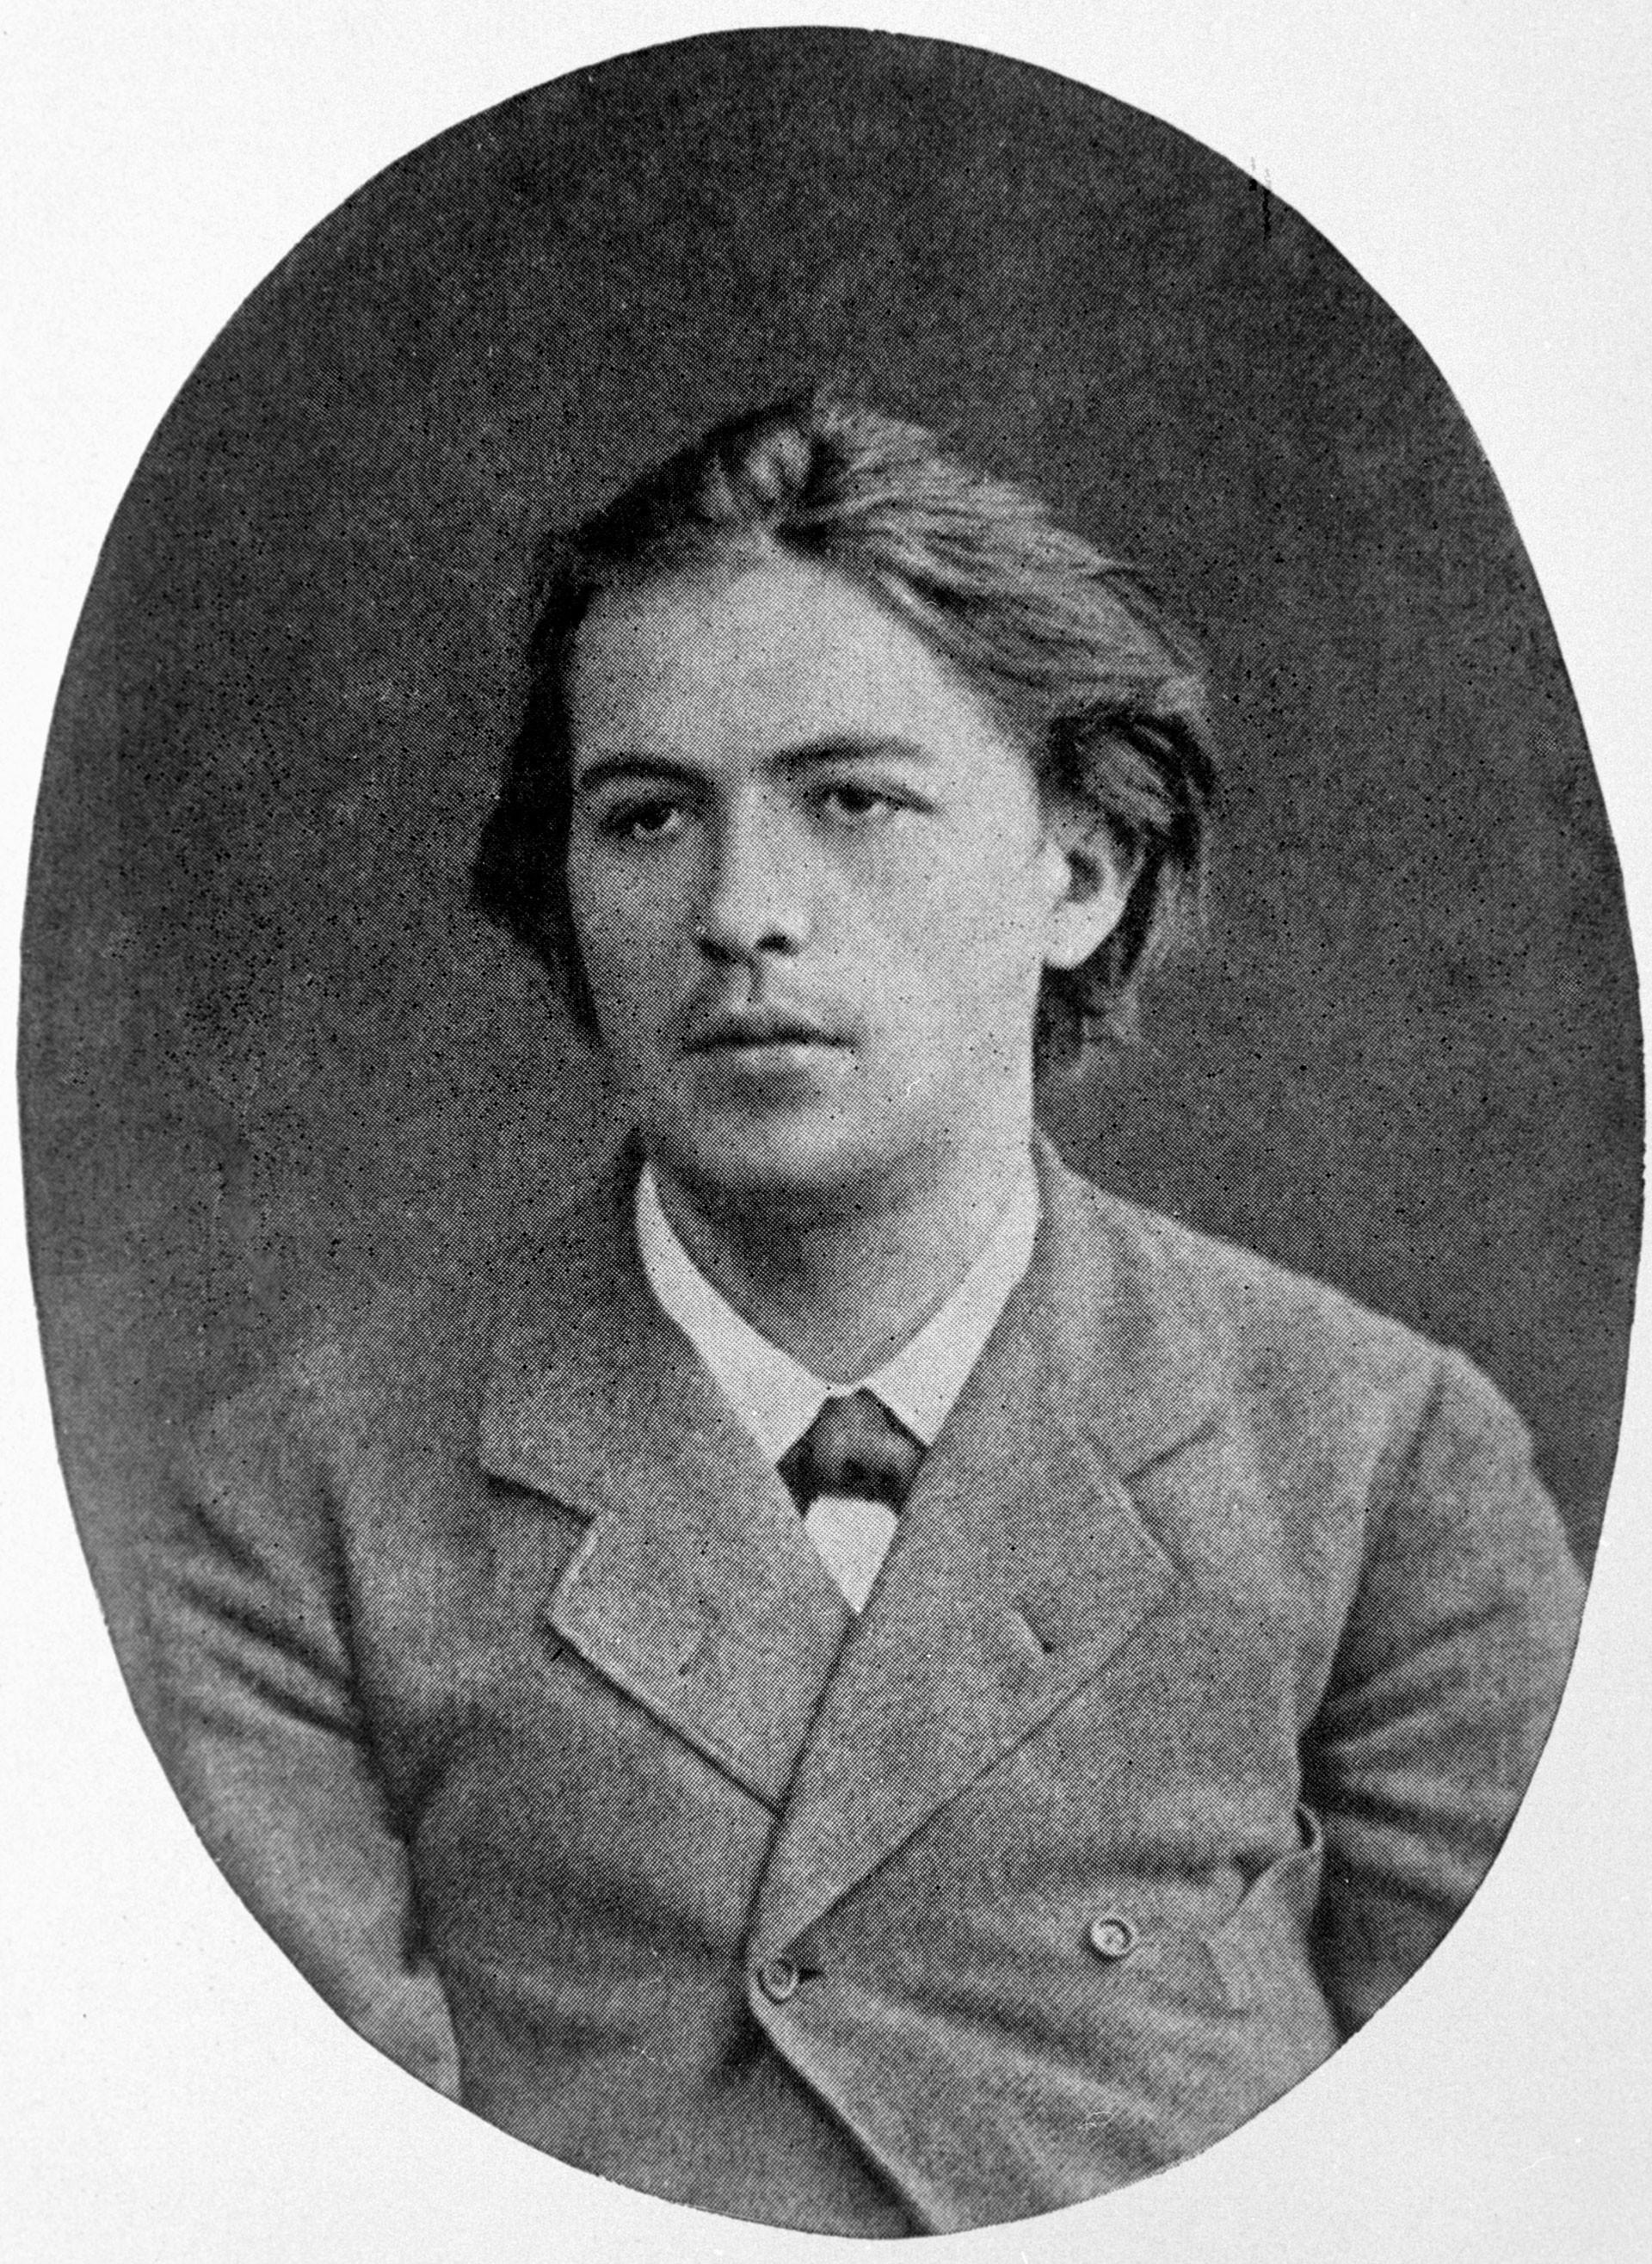 Kaum zu glauben, daber dieser junge Mann auf dem Bild ist Anton Tschechow. 1883 war der spätere Dramatiker noch Student der Medizinischen Fakultät der Moskauer Staatsuniversität.